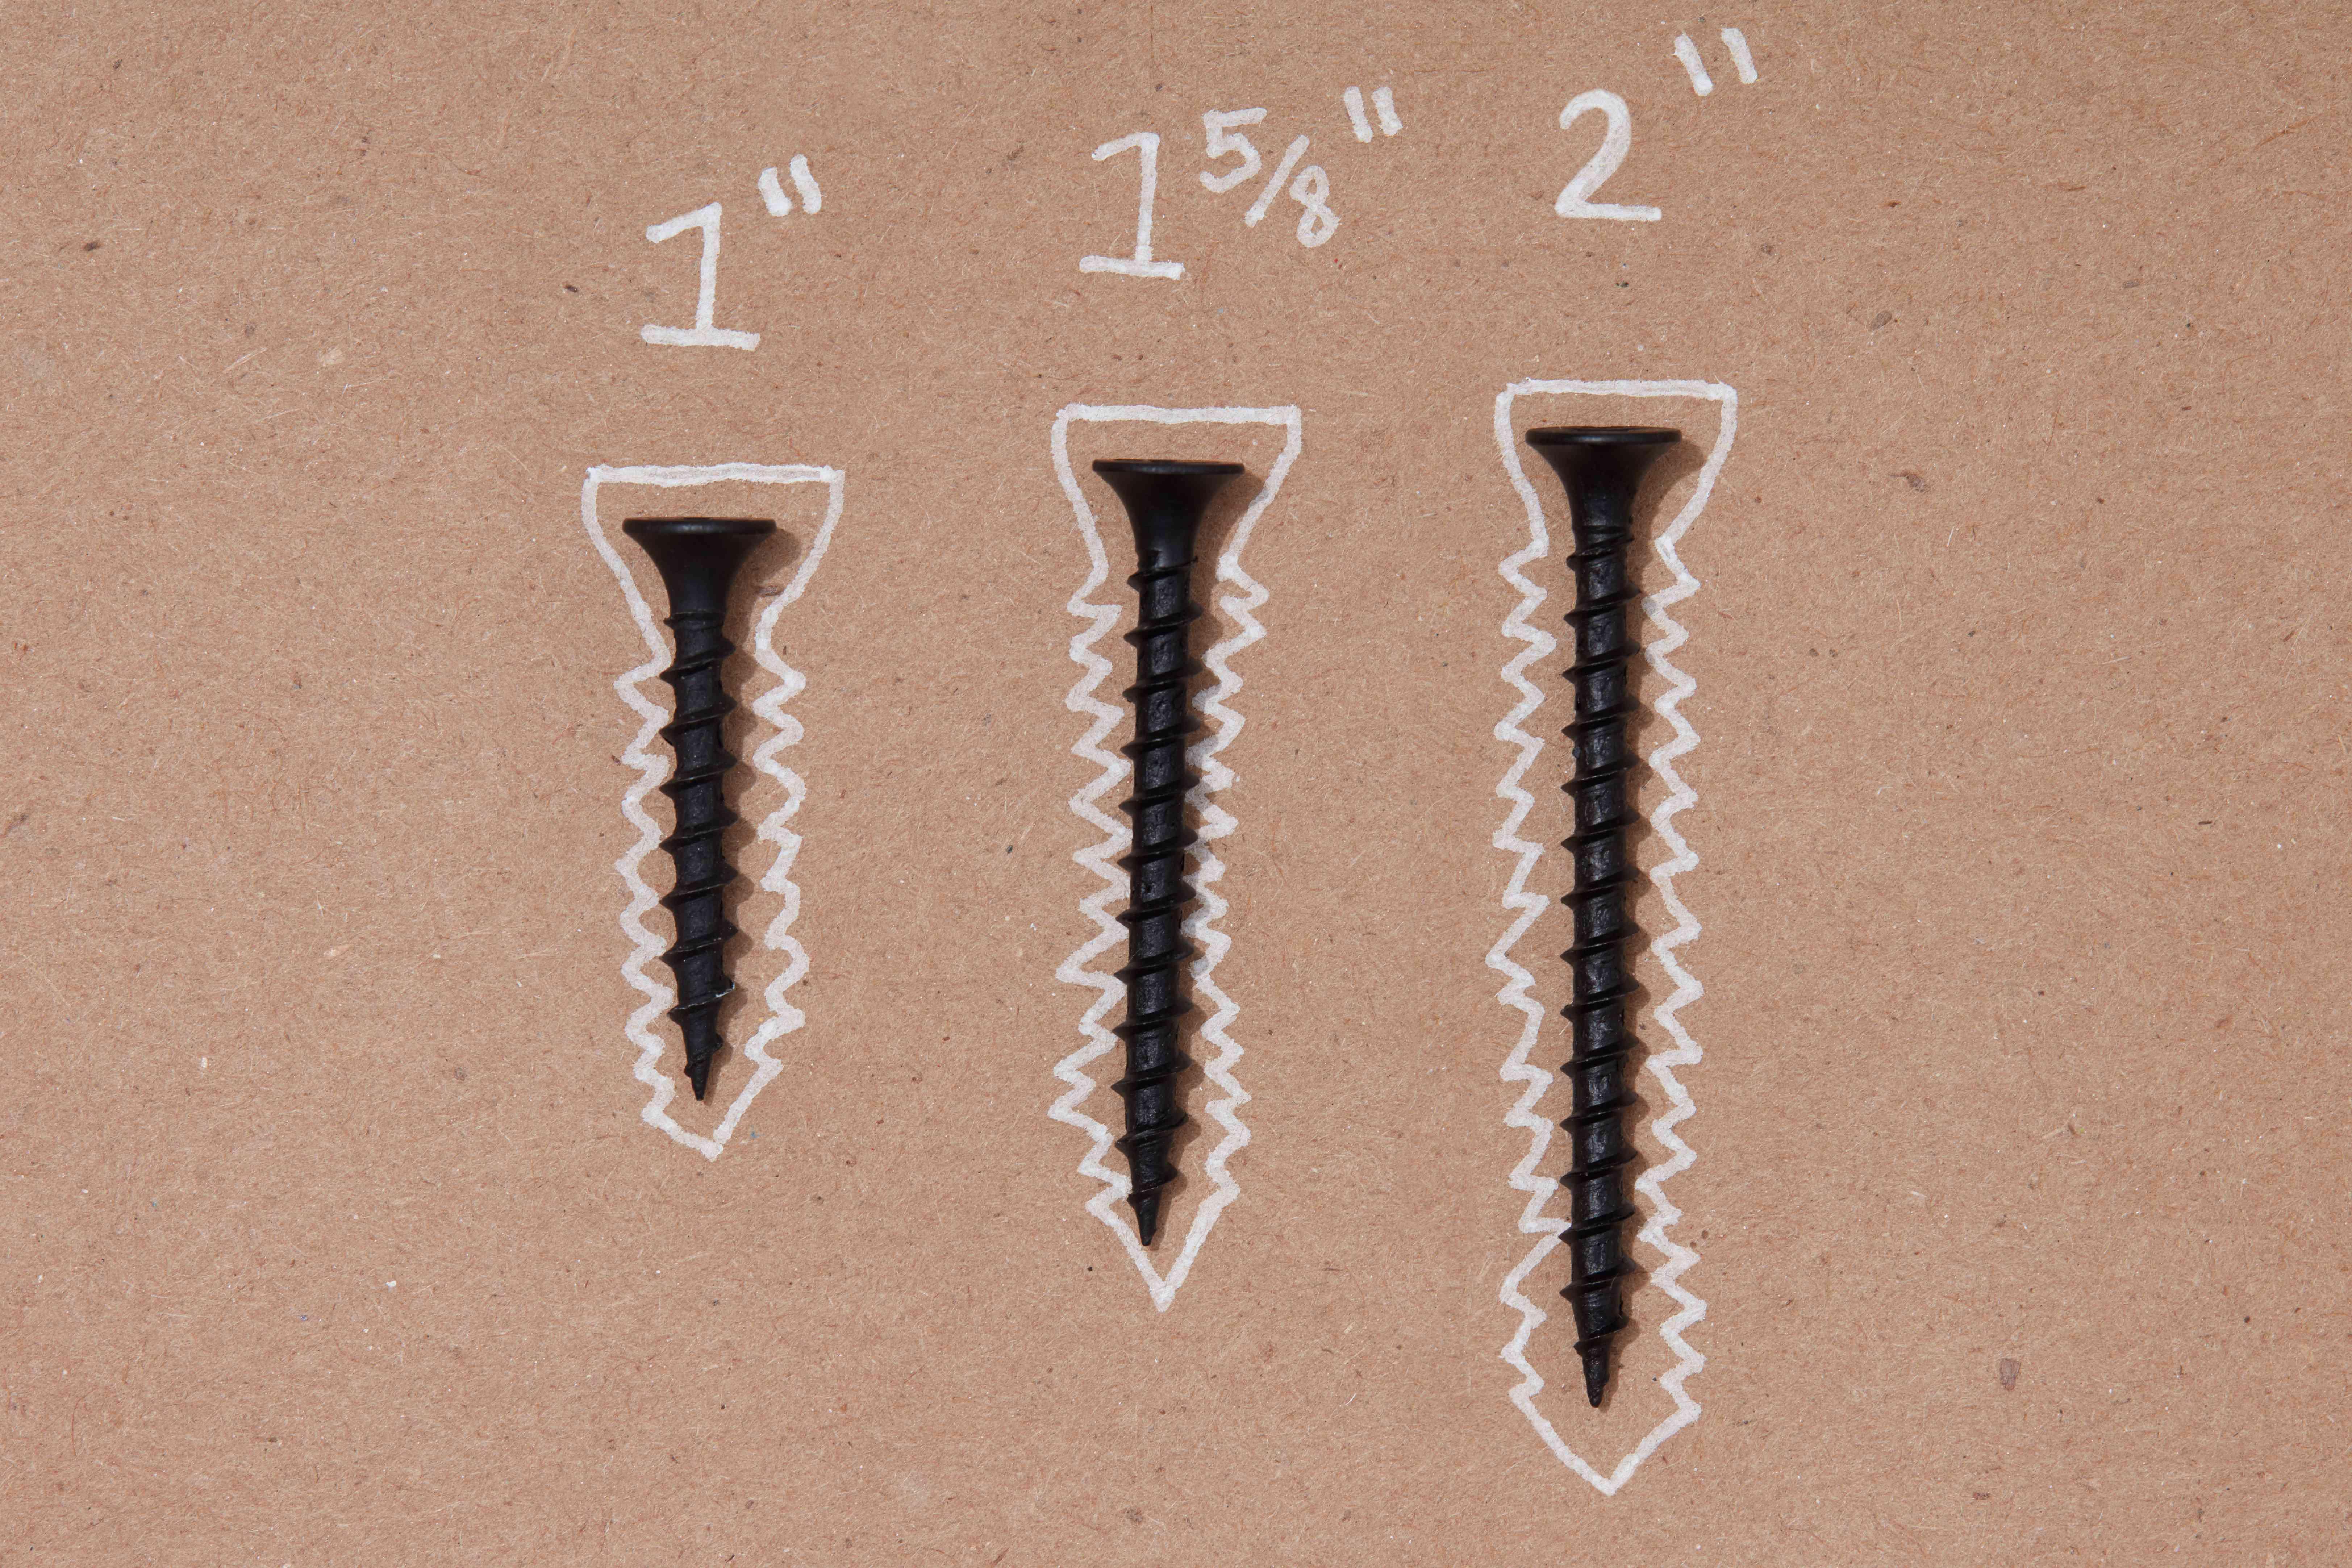 Drywall screw lengths